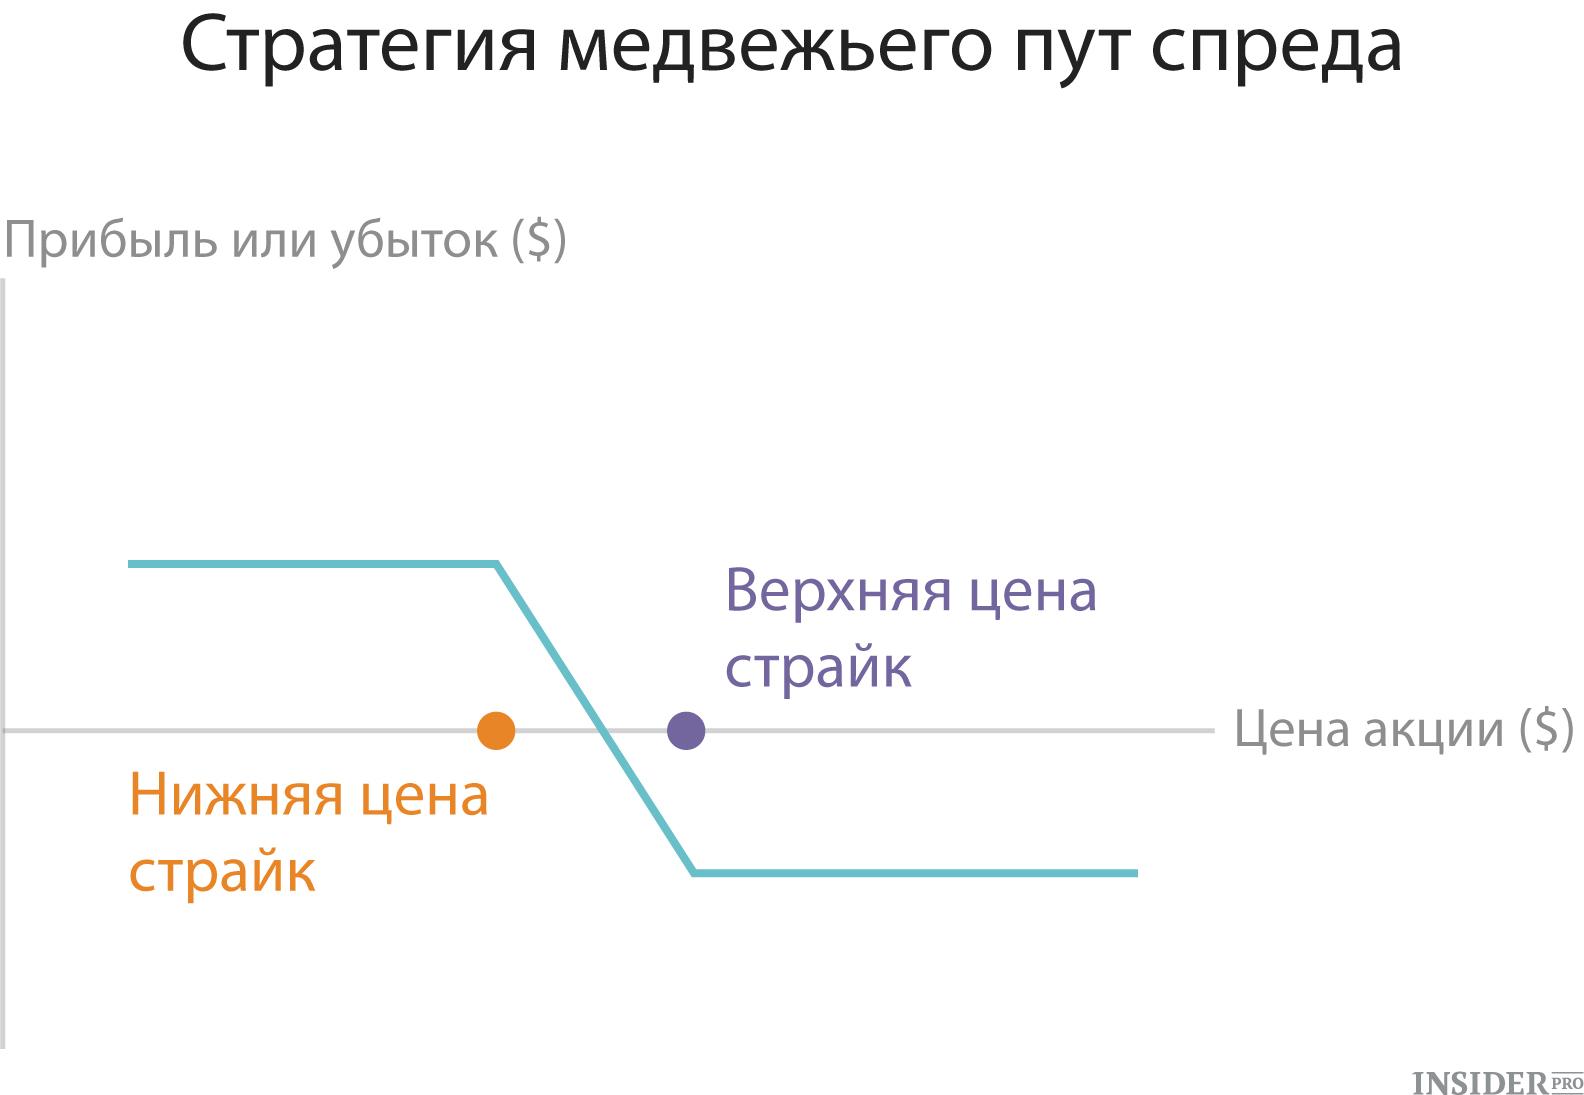 stratēģijas, izmantojot opcijas